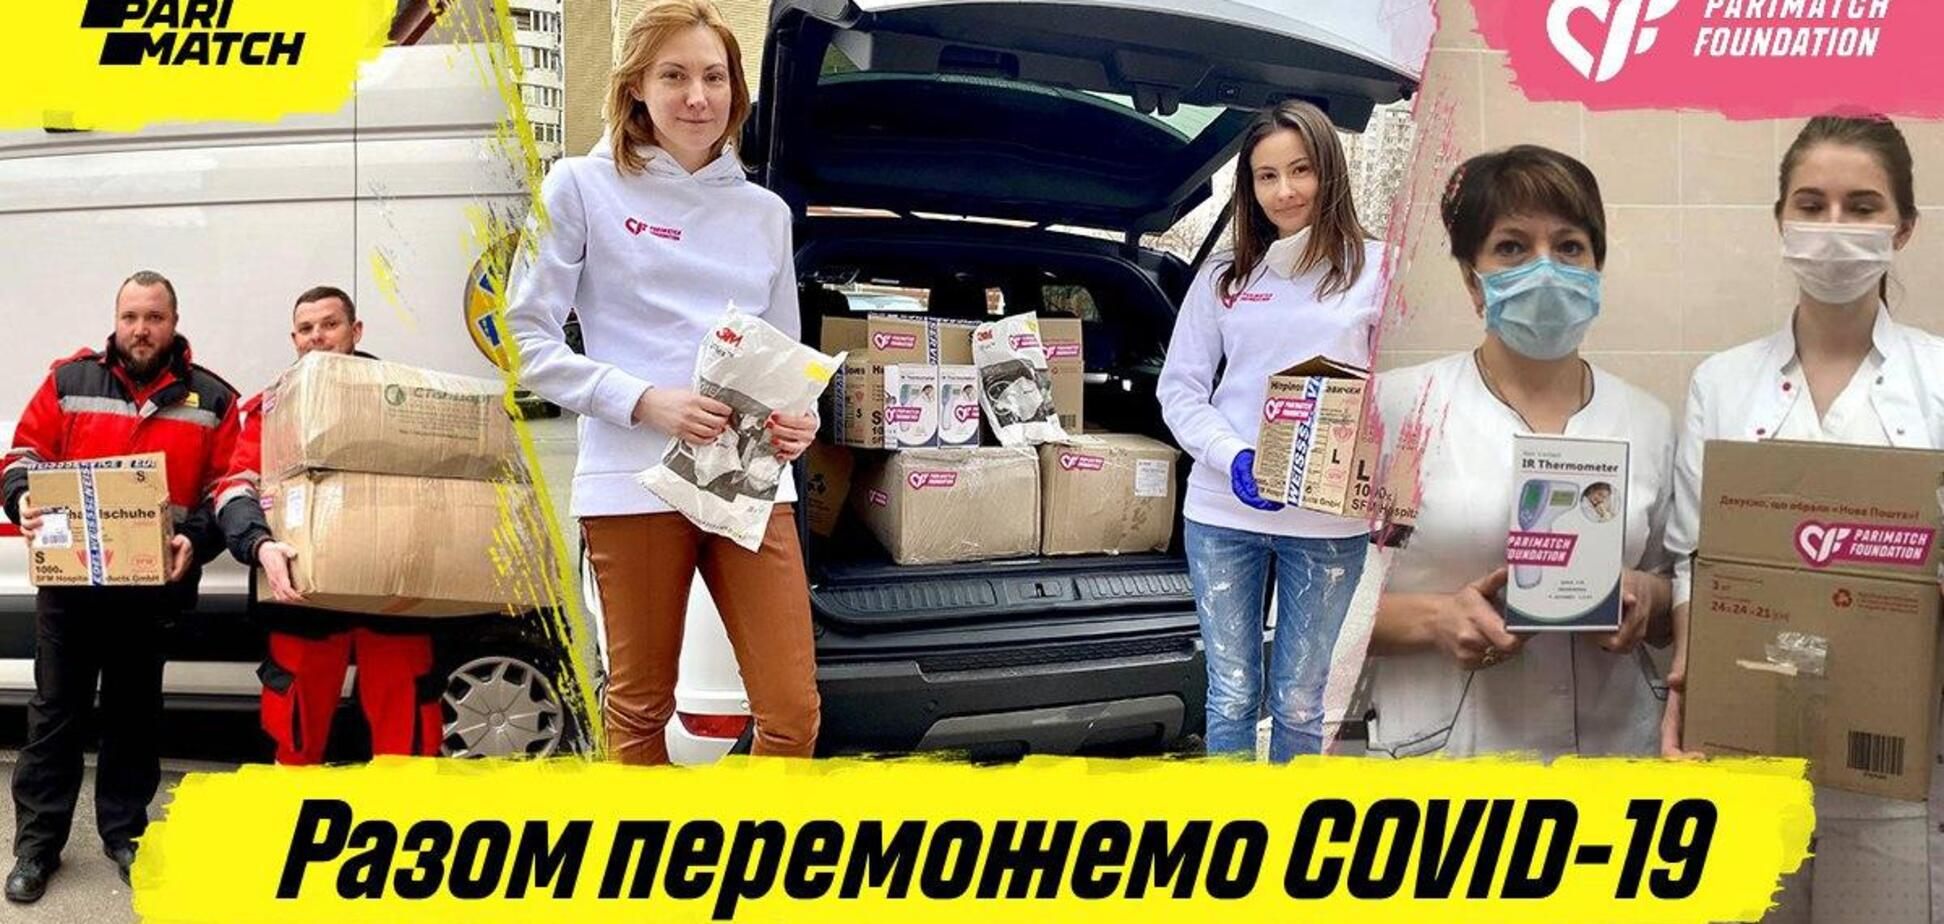 Parimatch выделит 10 млн грн на борьбу с коронавирусом в Украине